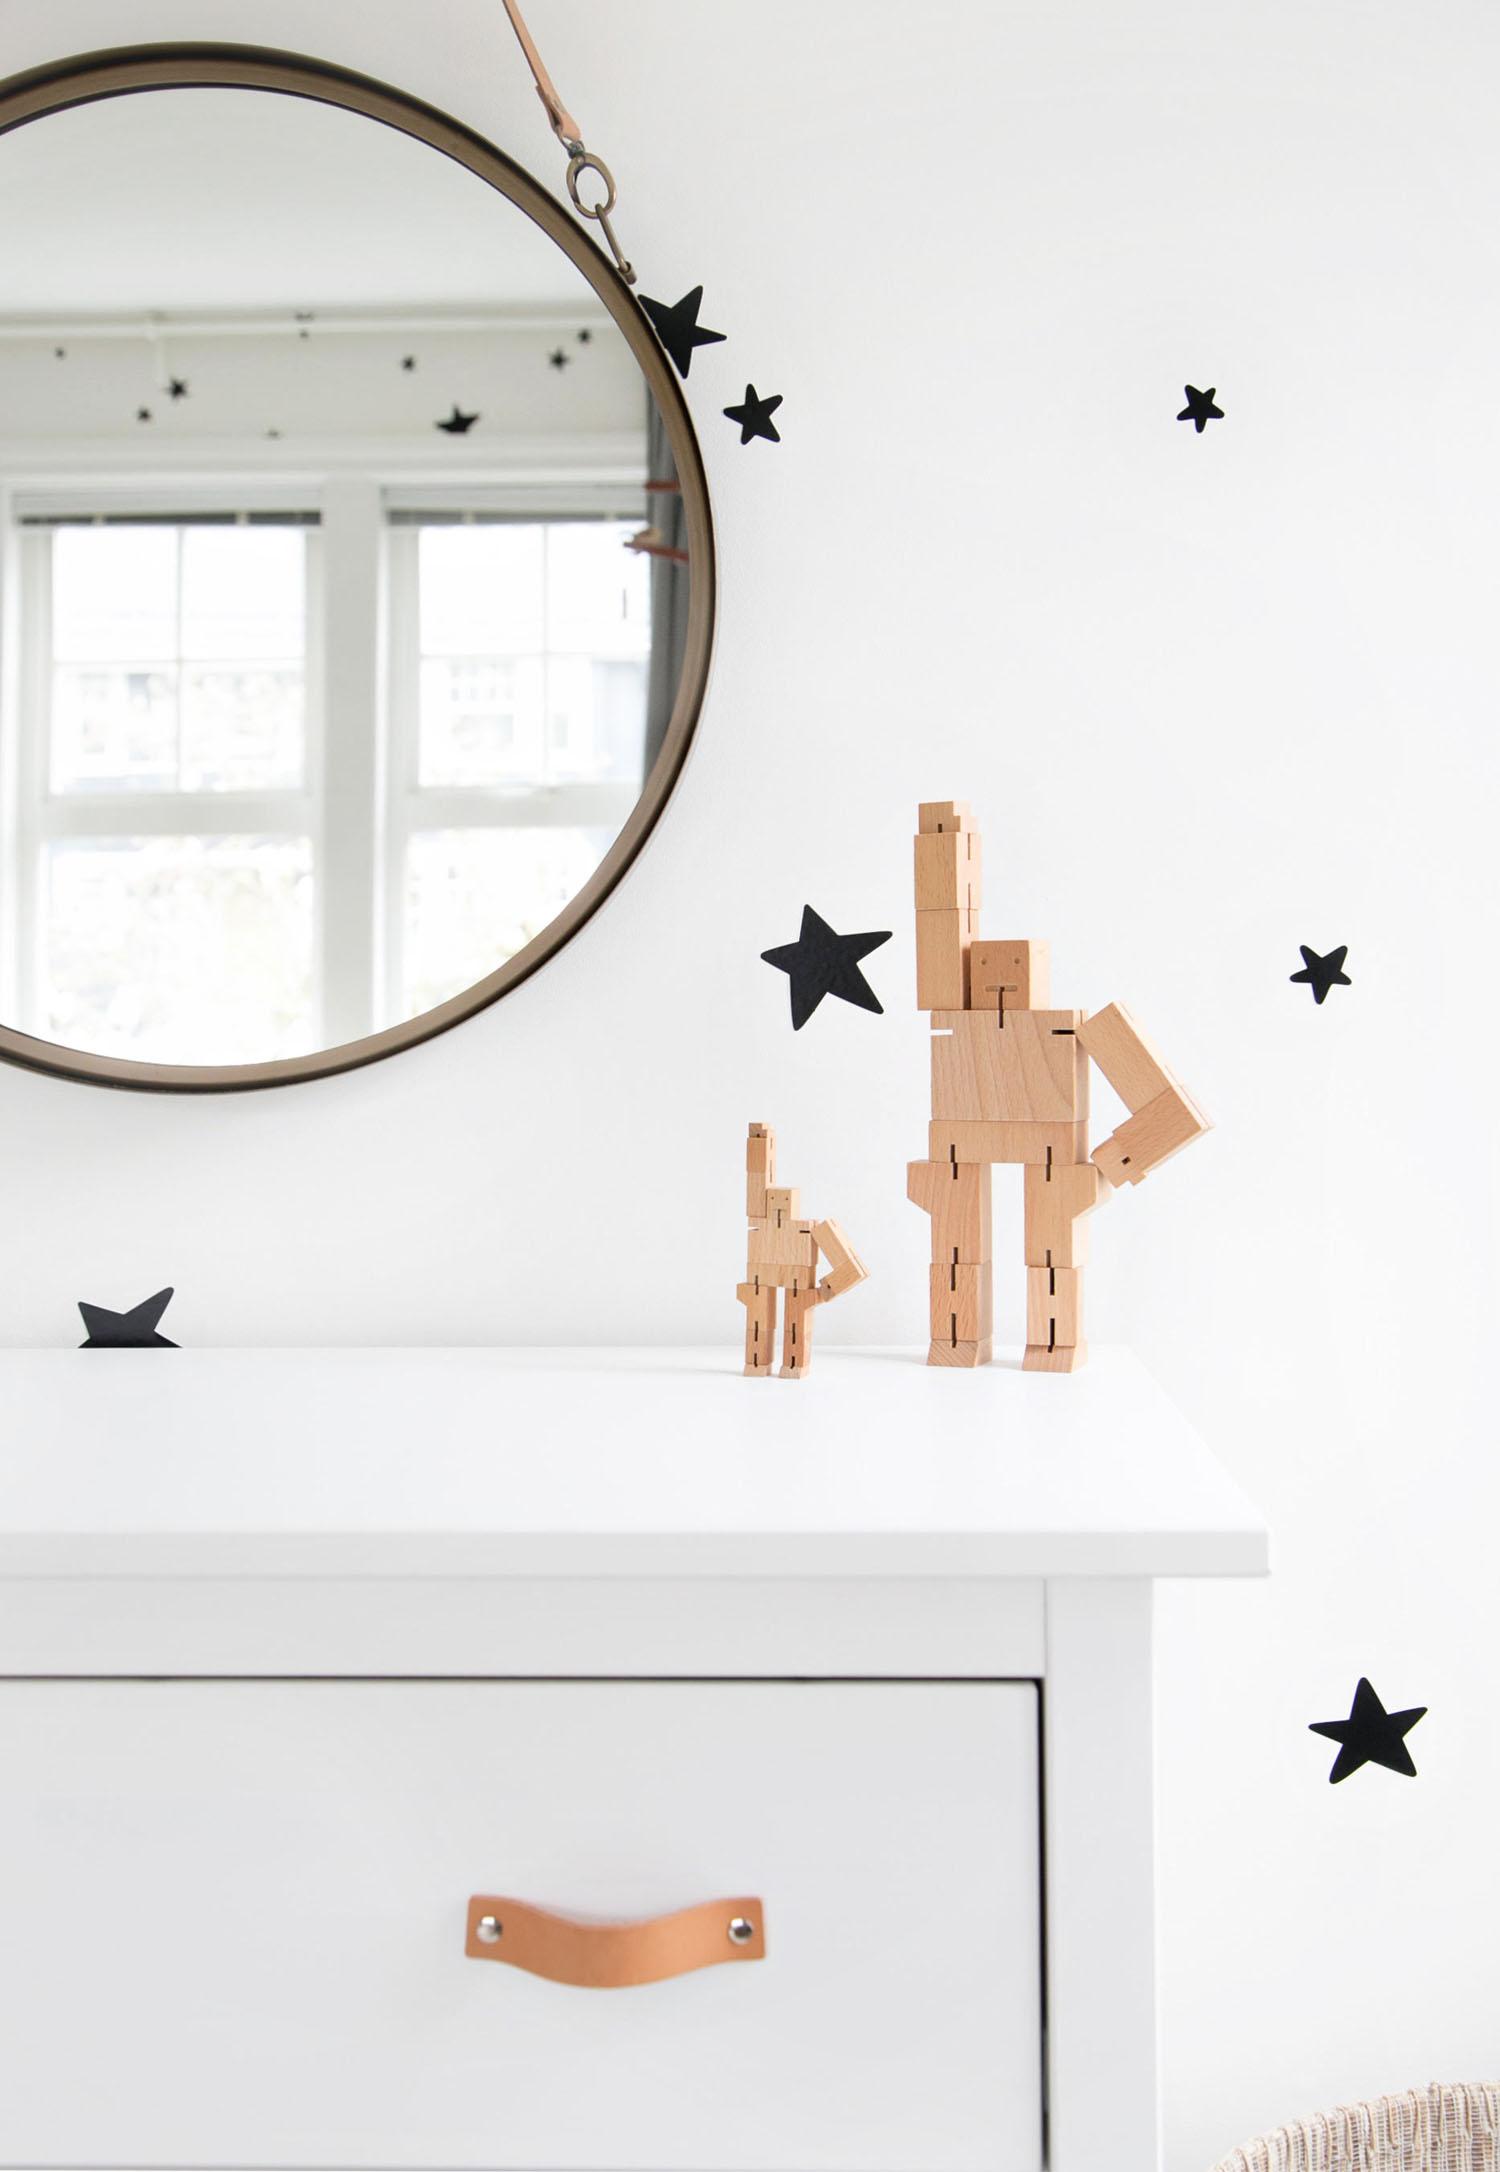 cubebot robots on dresser